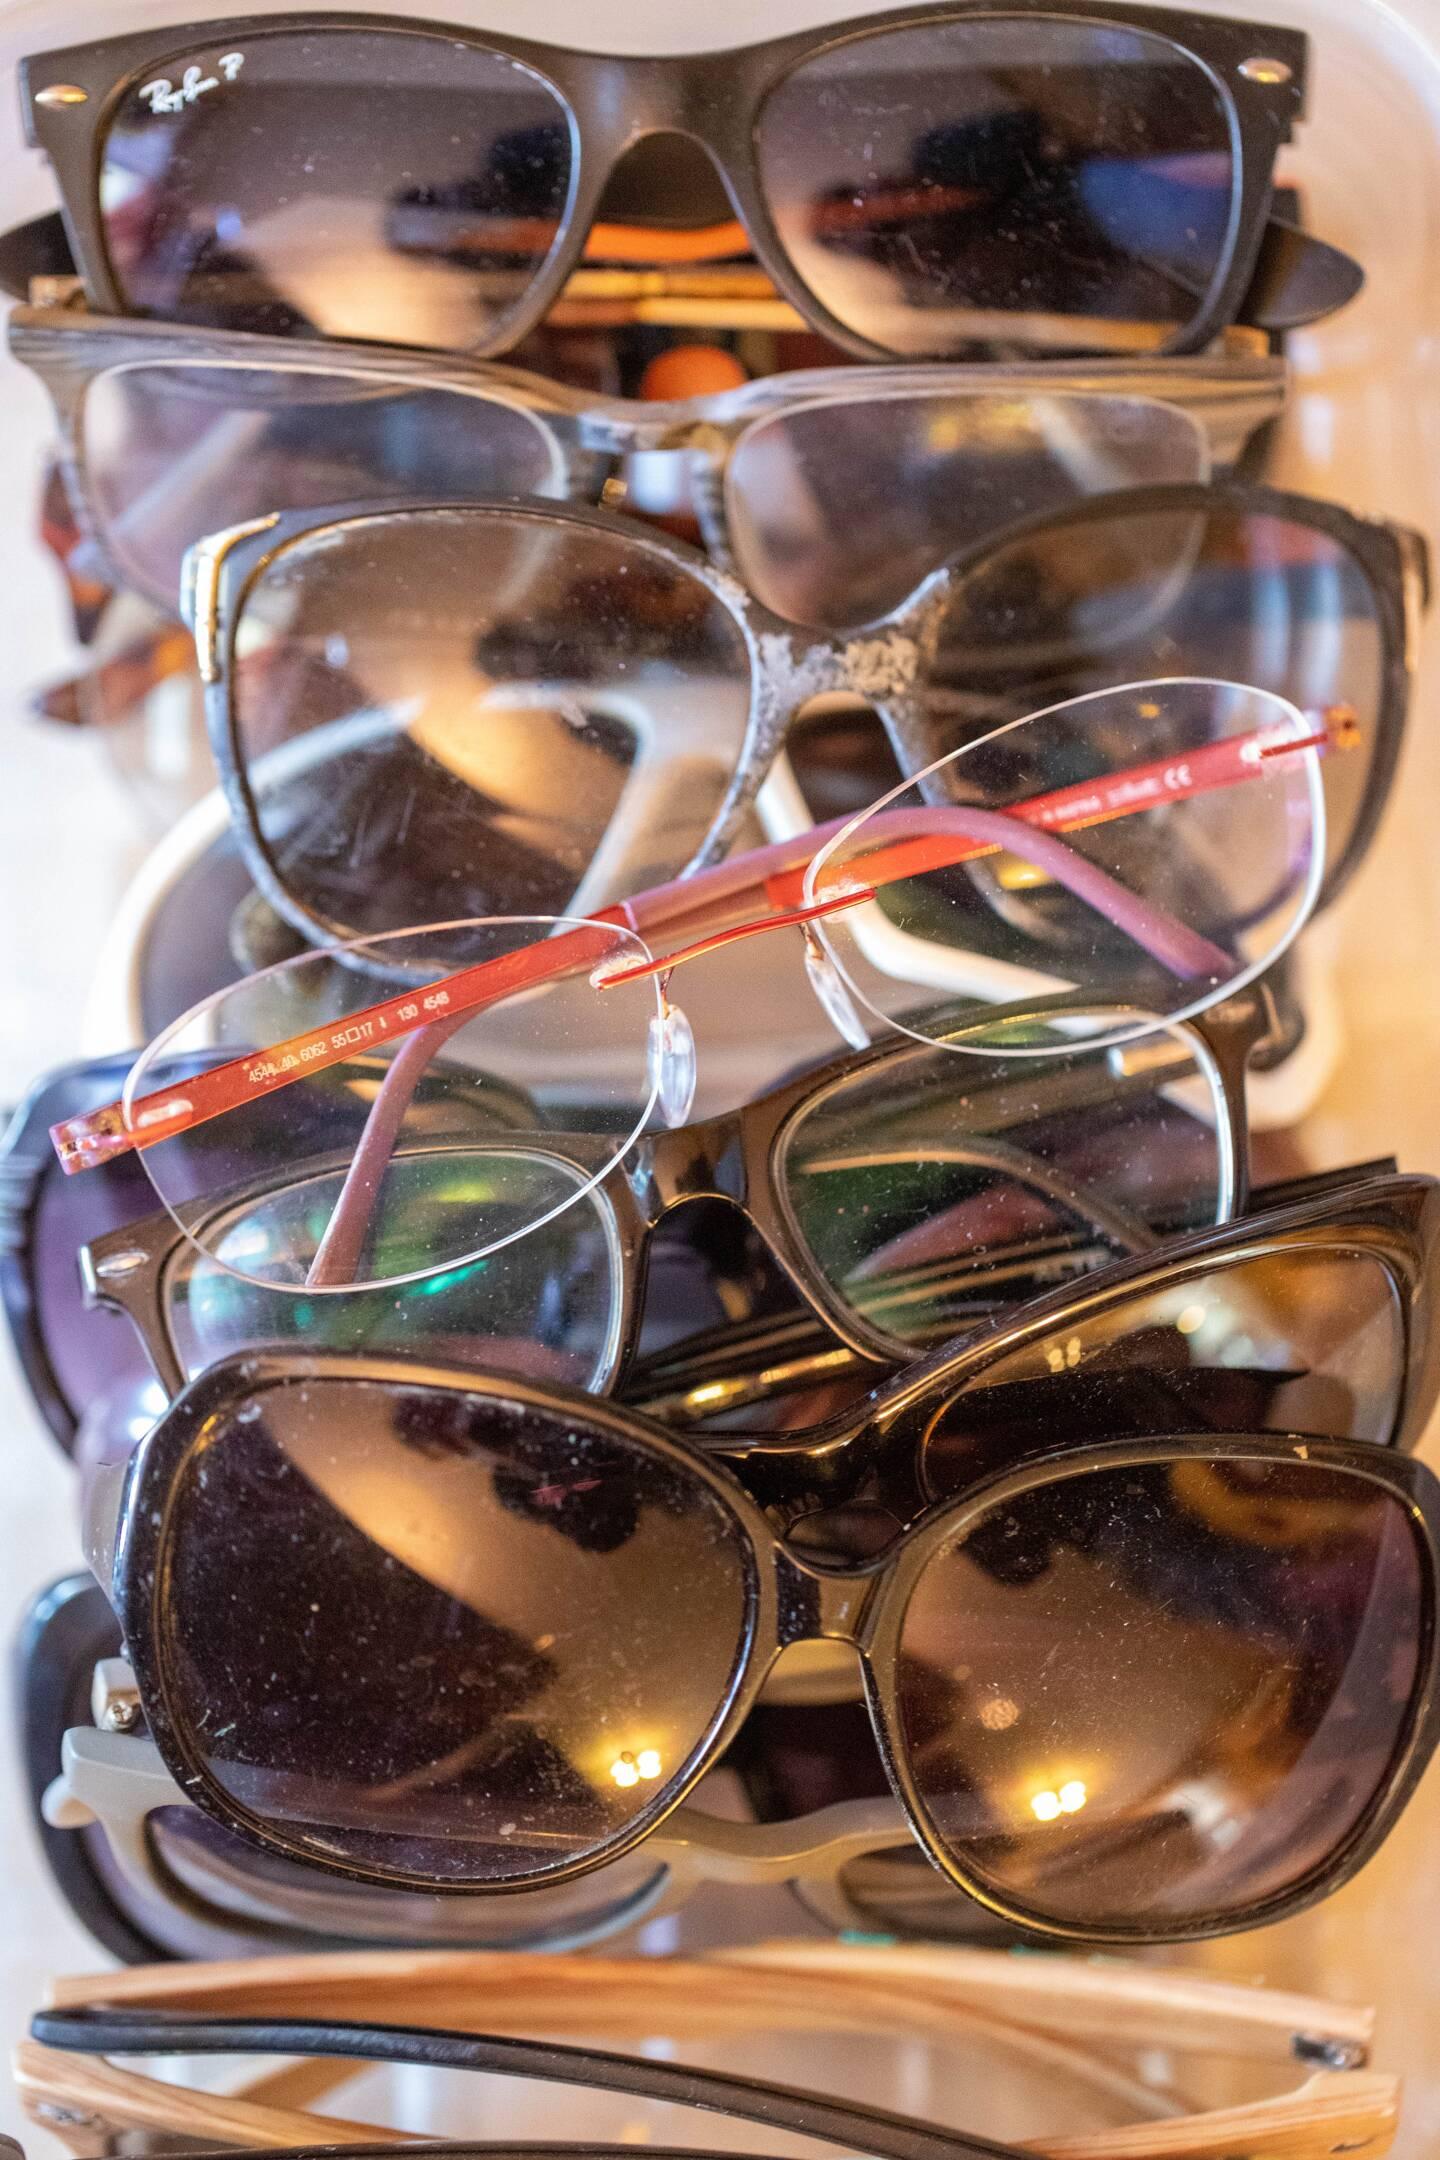 Des lunettes par dizaines.